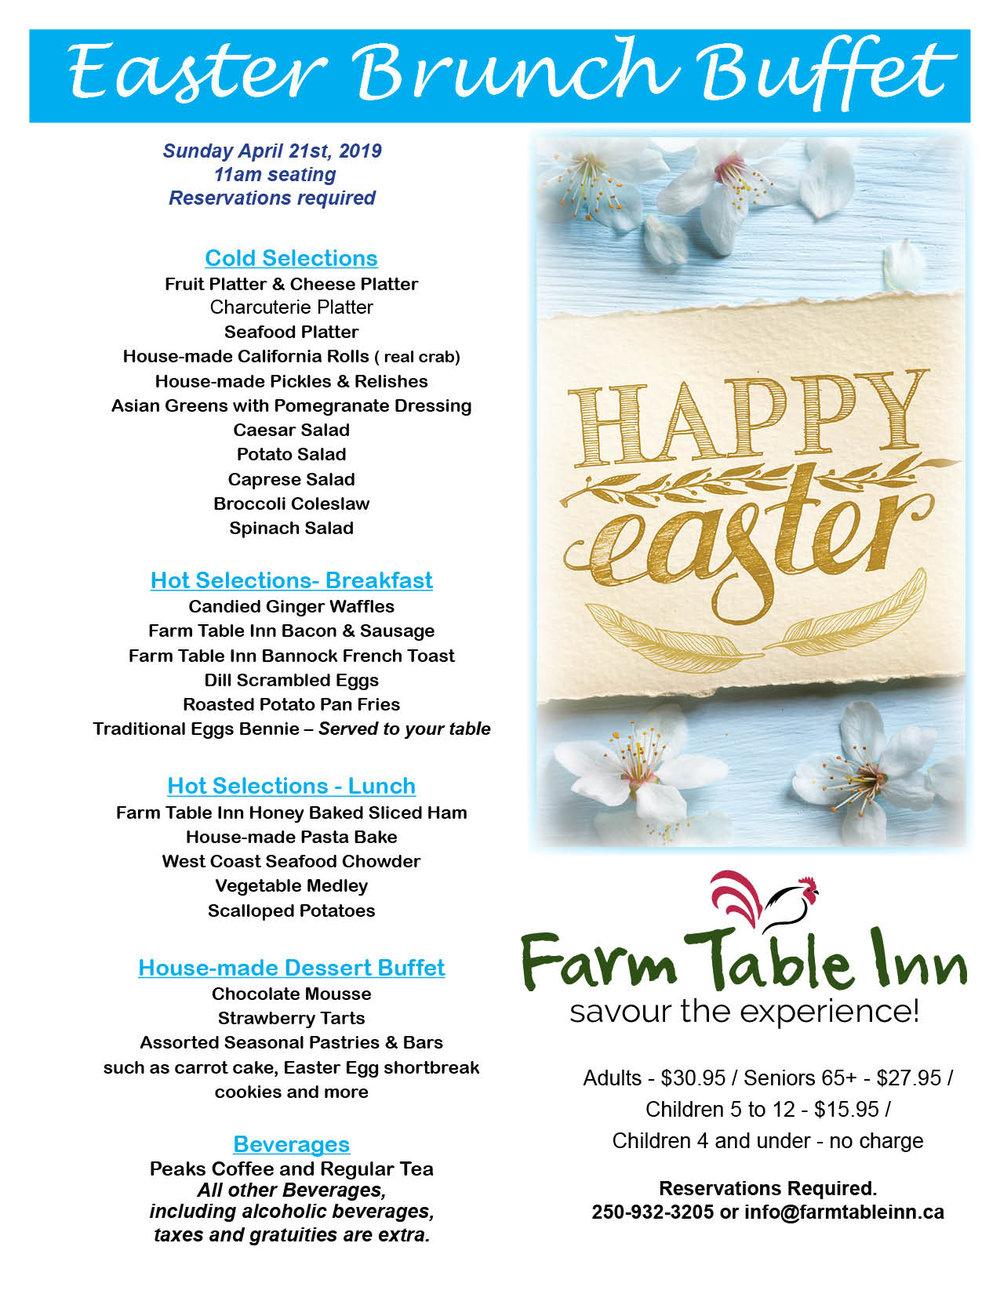 Farm Table Inn Easter Brunch Buffet 2019.jpg